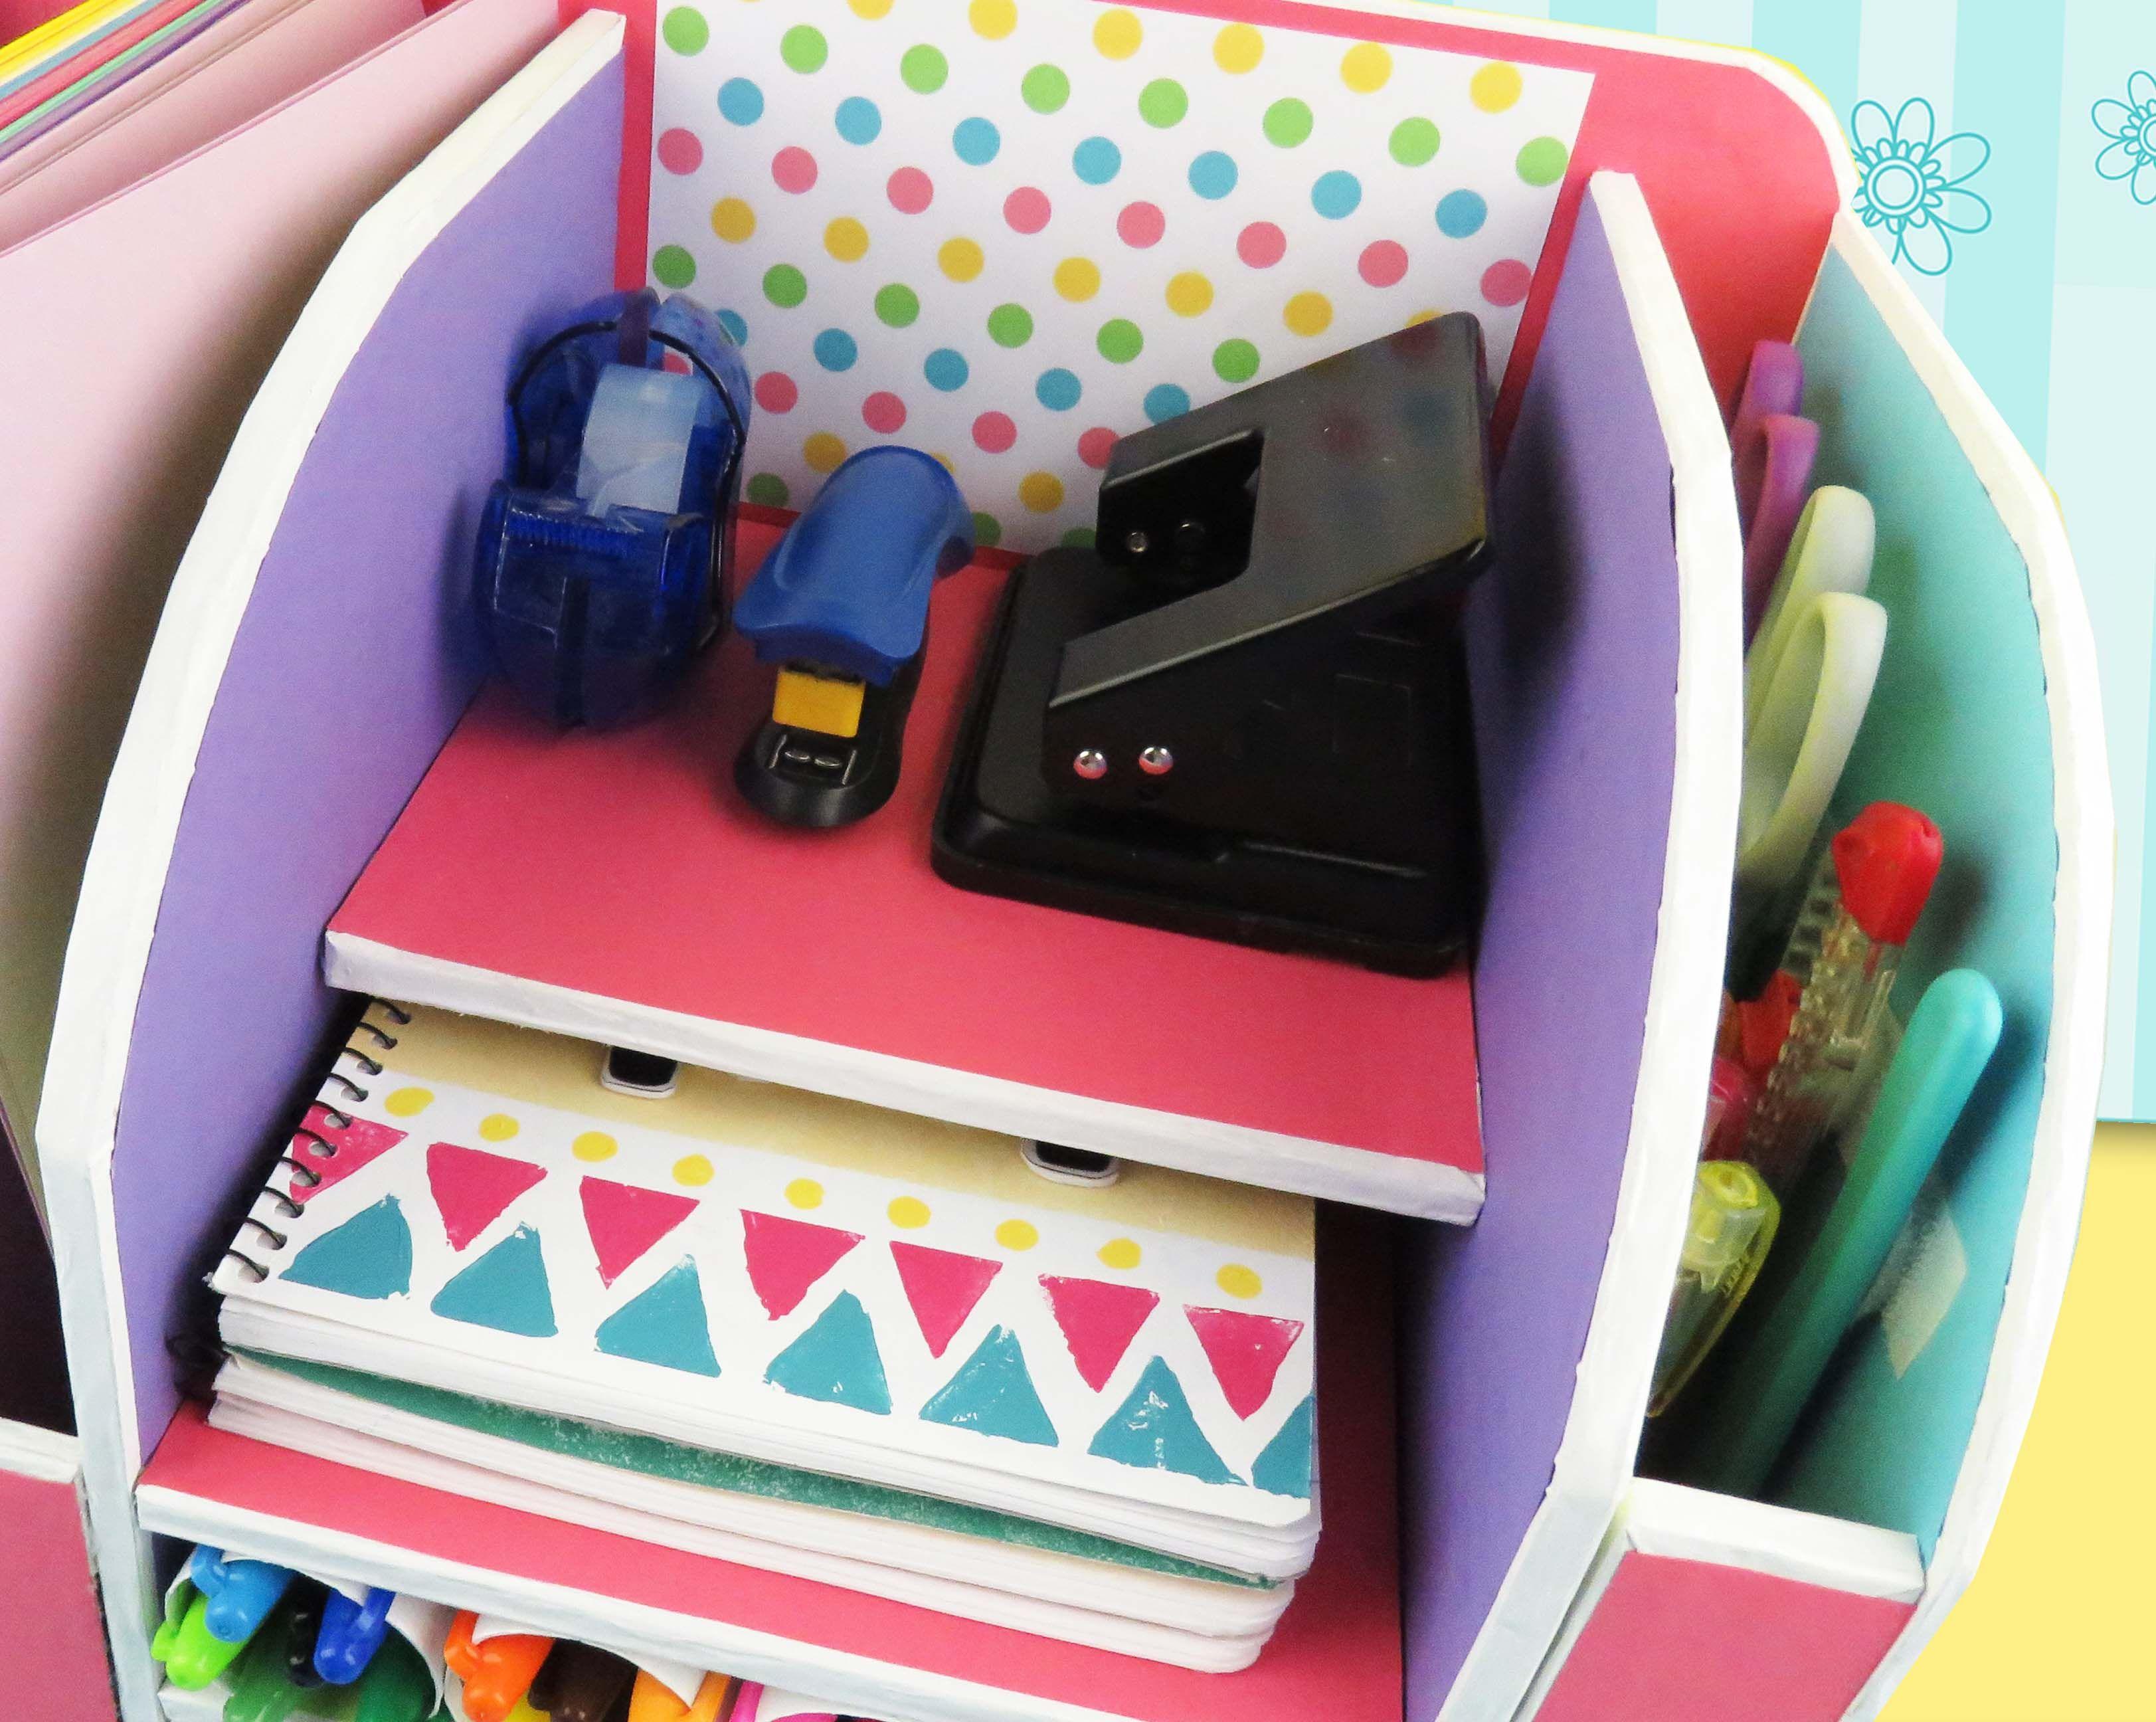 Organizador de escritorio de cart n organizador de escritorio de cart n pinterest craft - Organizadores escritorio ...